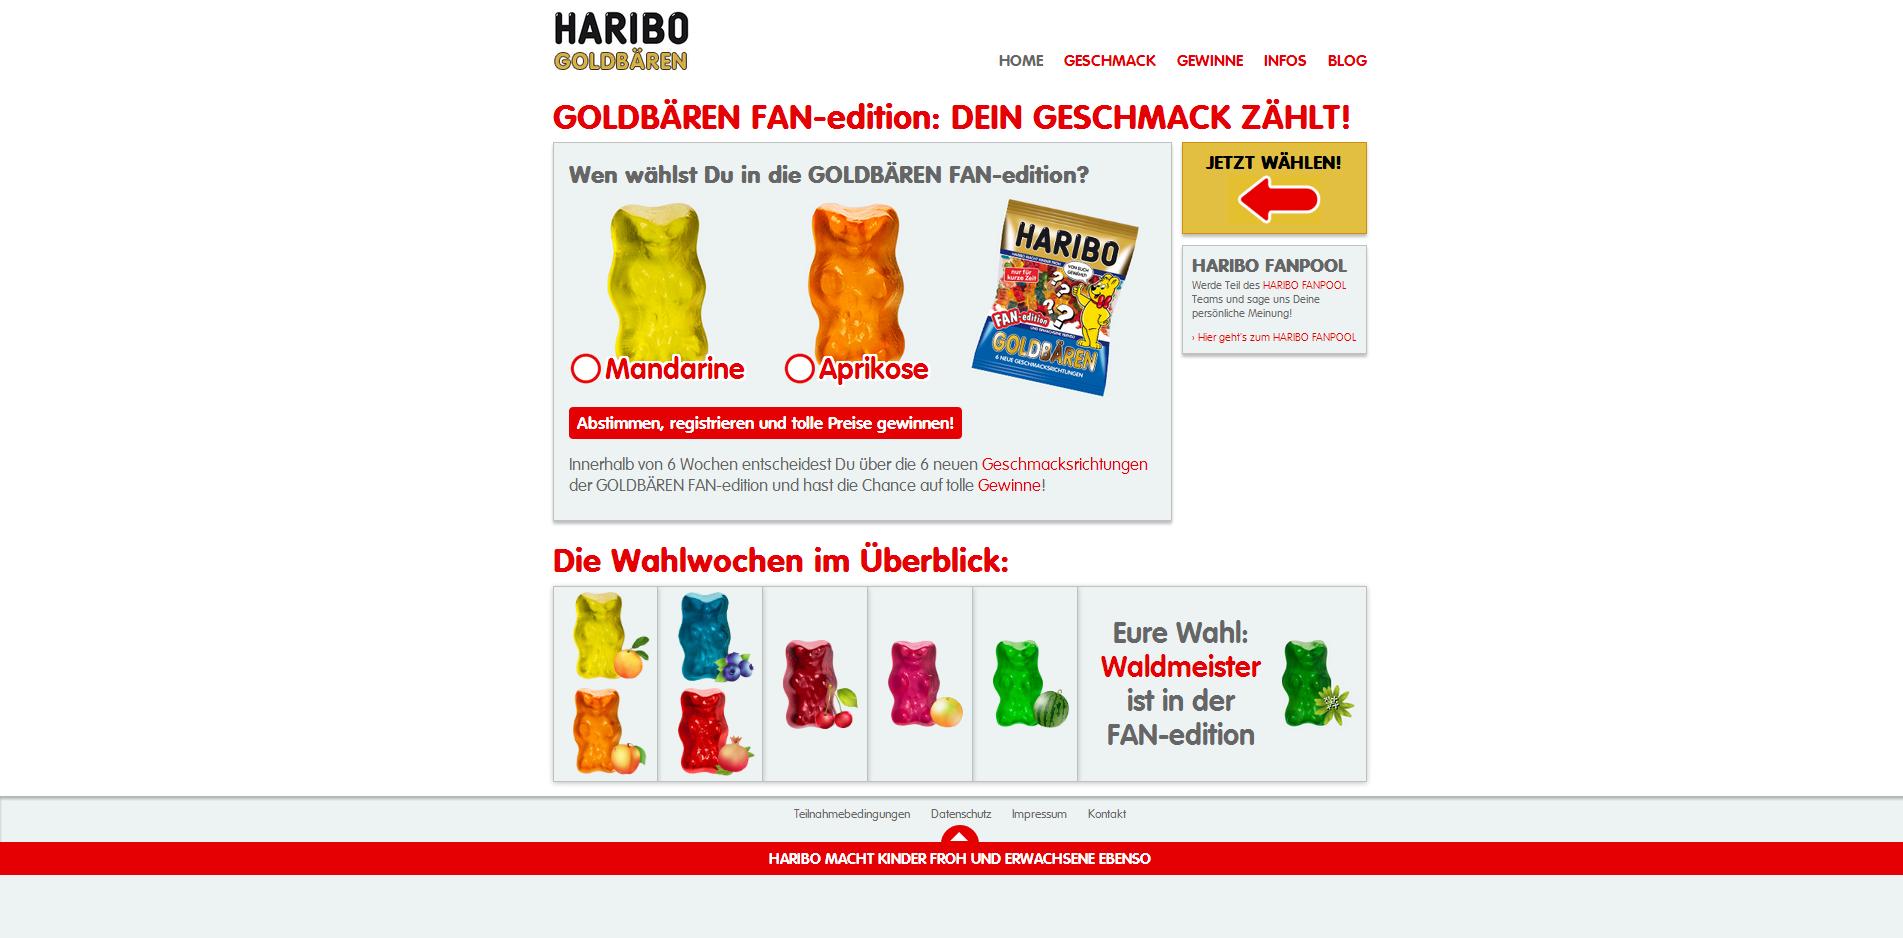 Haribo Goldbären Fanedition Aktion 2014